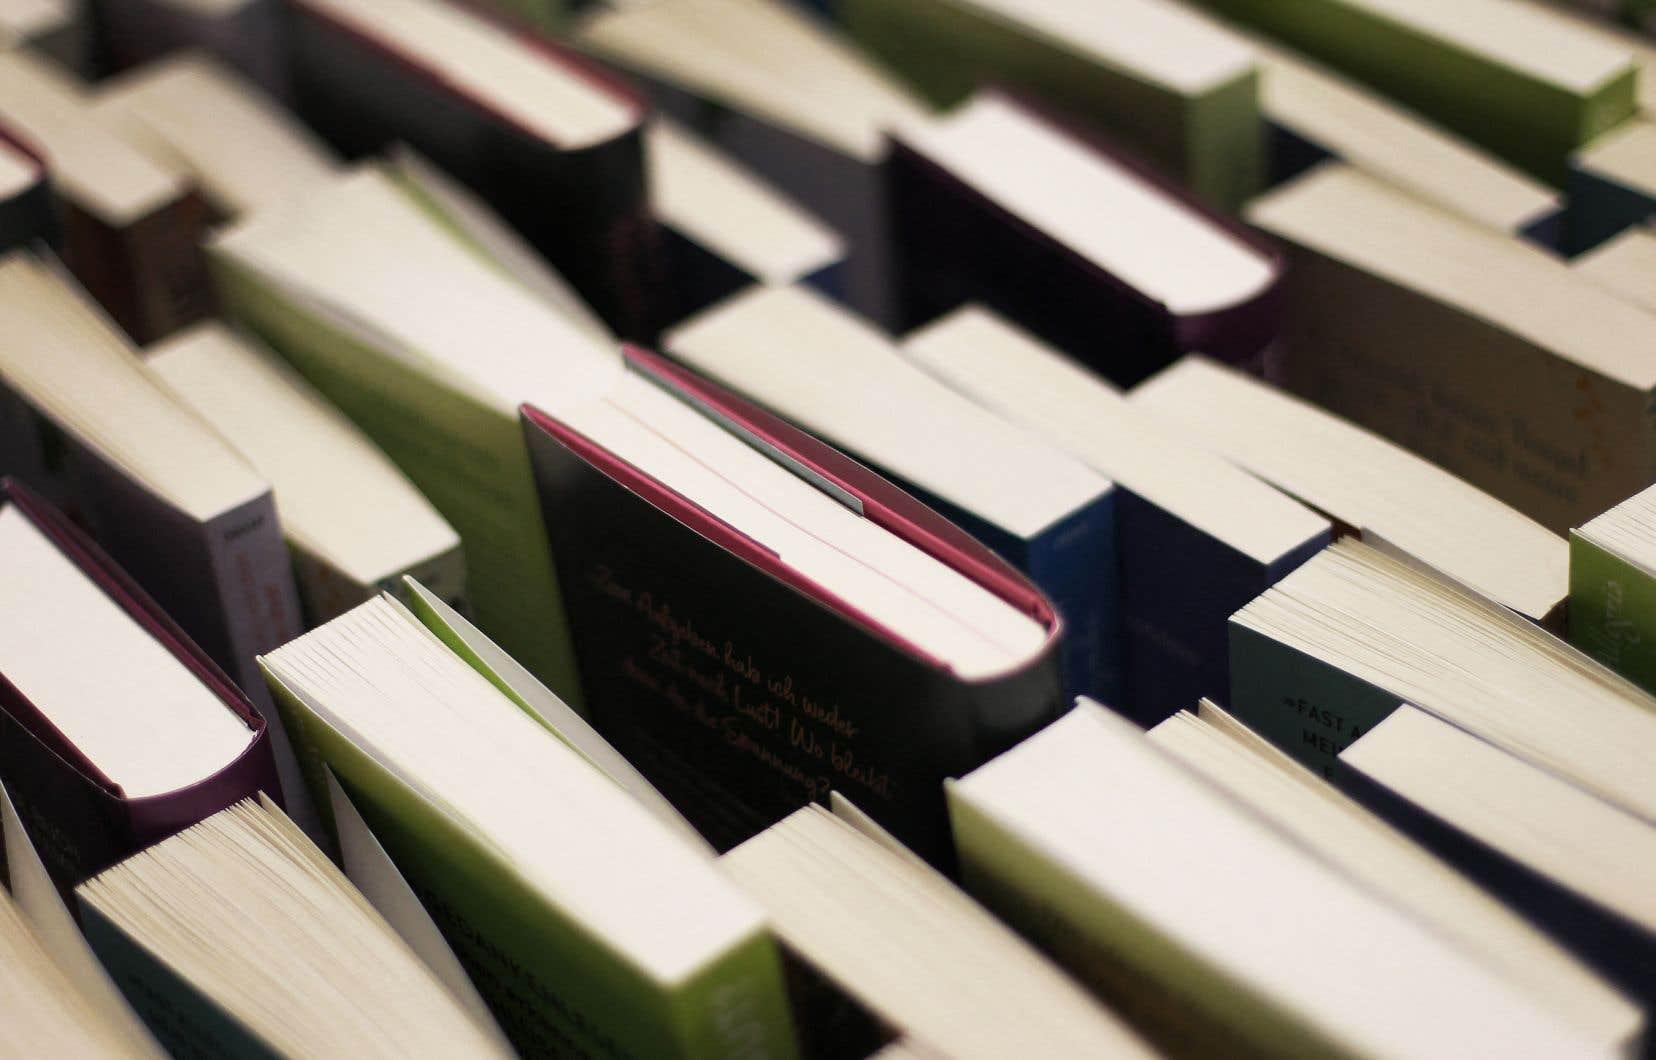 «Imposer aux élèves la destruction de livres est antipédagogique. Ces jeunes lecteurs n'ont même pas eu l'occasion de lire ces titres que ces derniers sont littéralement brûlés», écrit l'autrice.